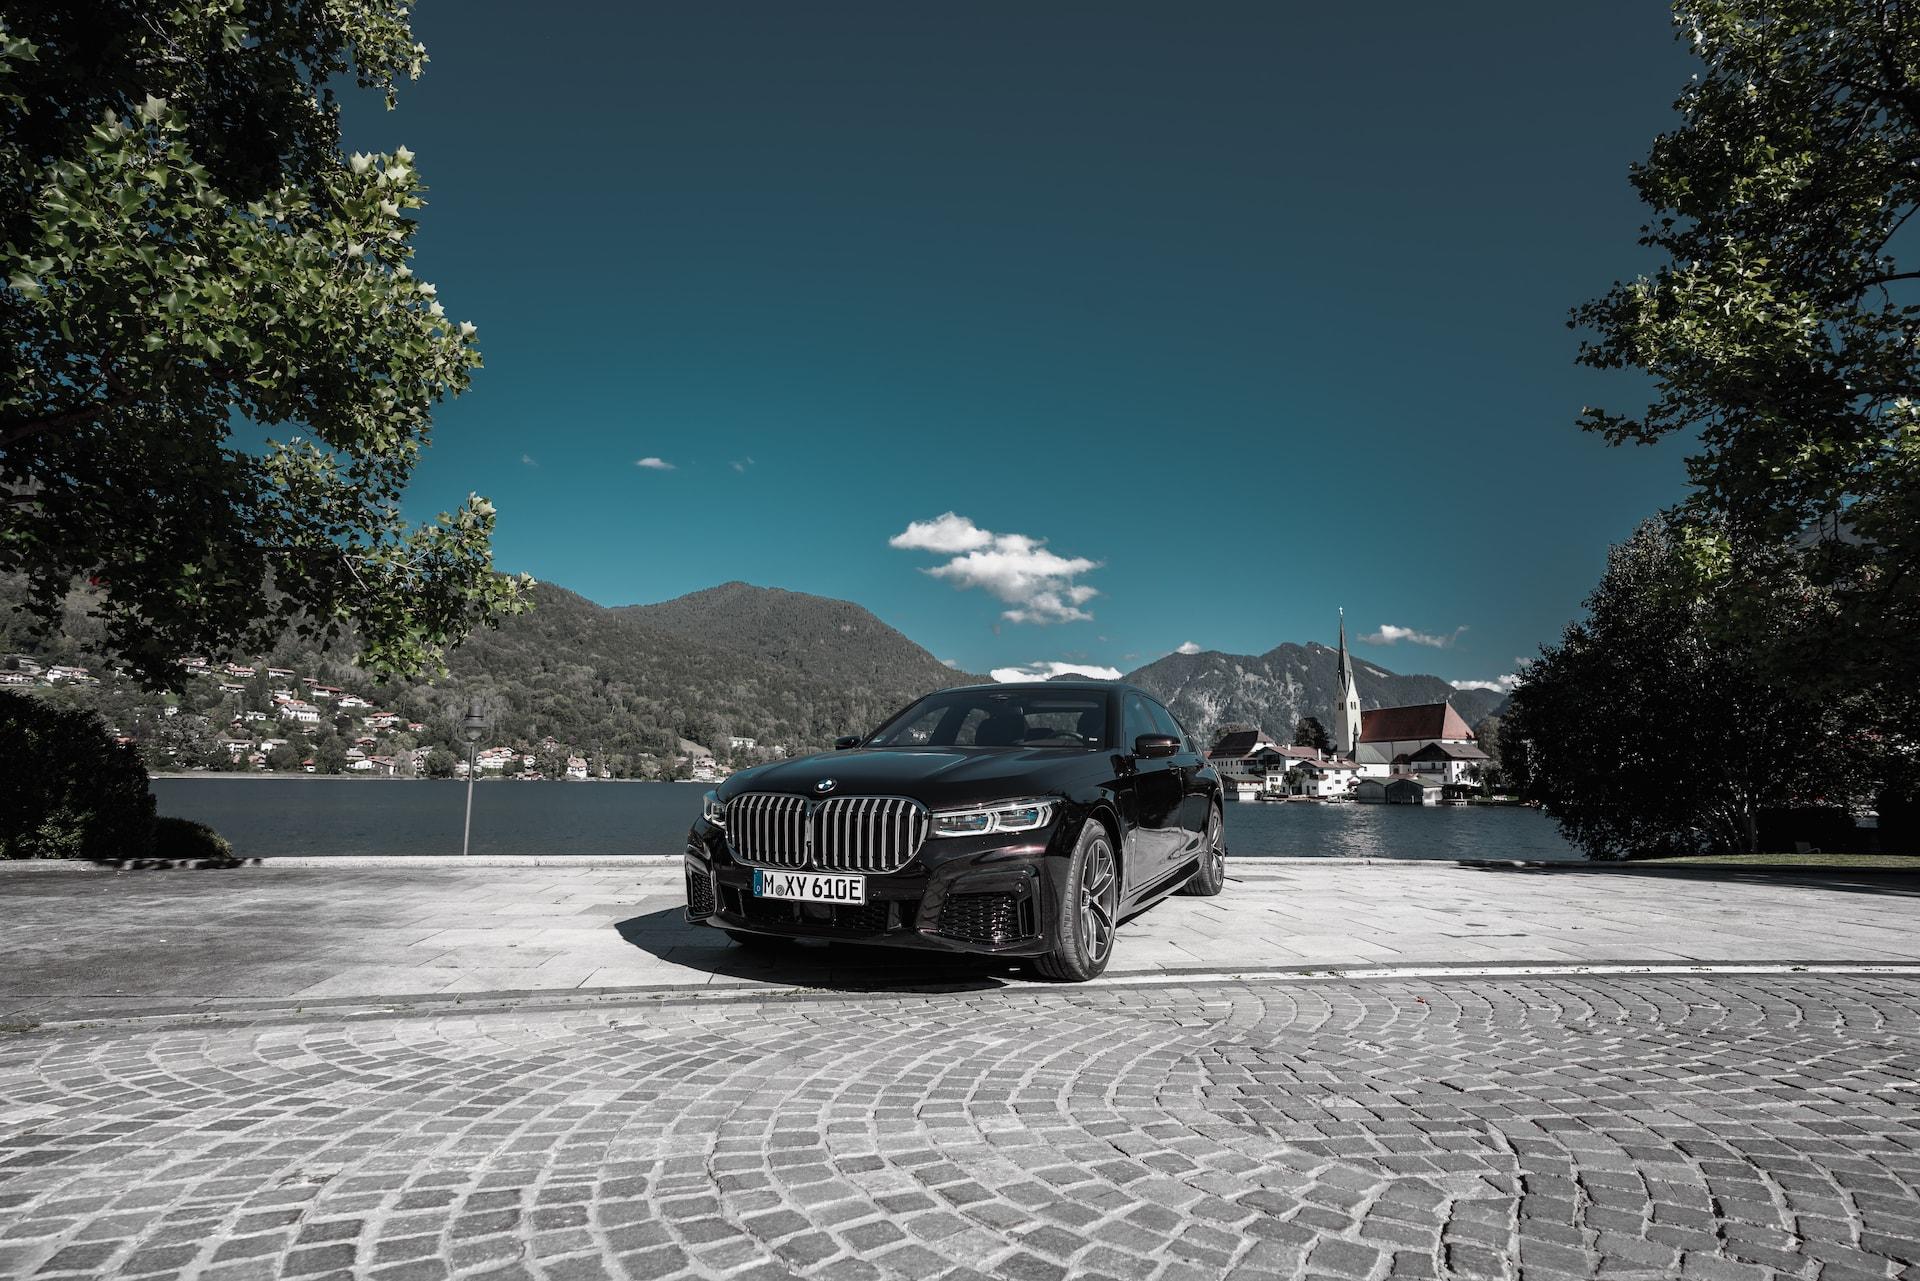 The Power of Choice: Für welches BMW Modell würdest du Dich entscheiden? 8